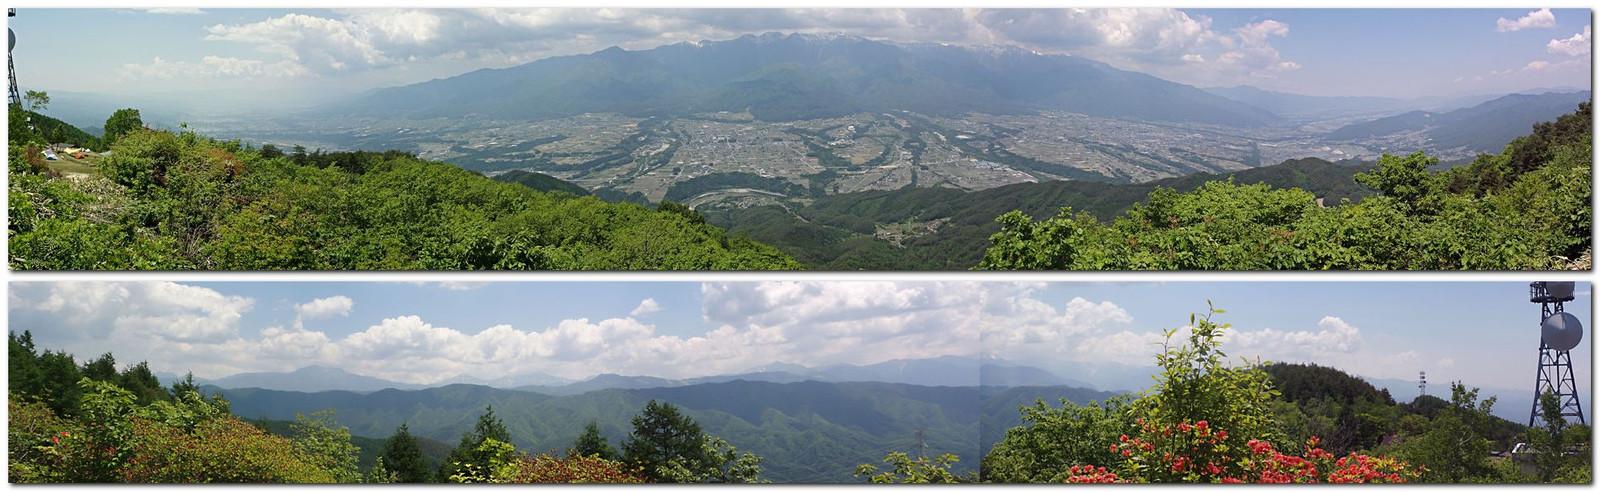 中川村陣馬形山山頂からの展望(2015年5年26日)